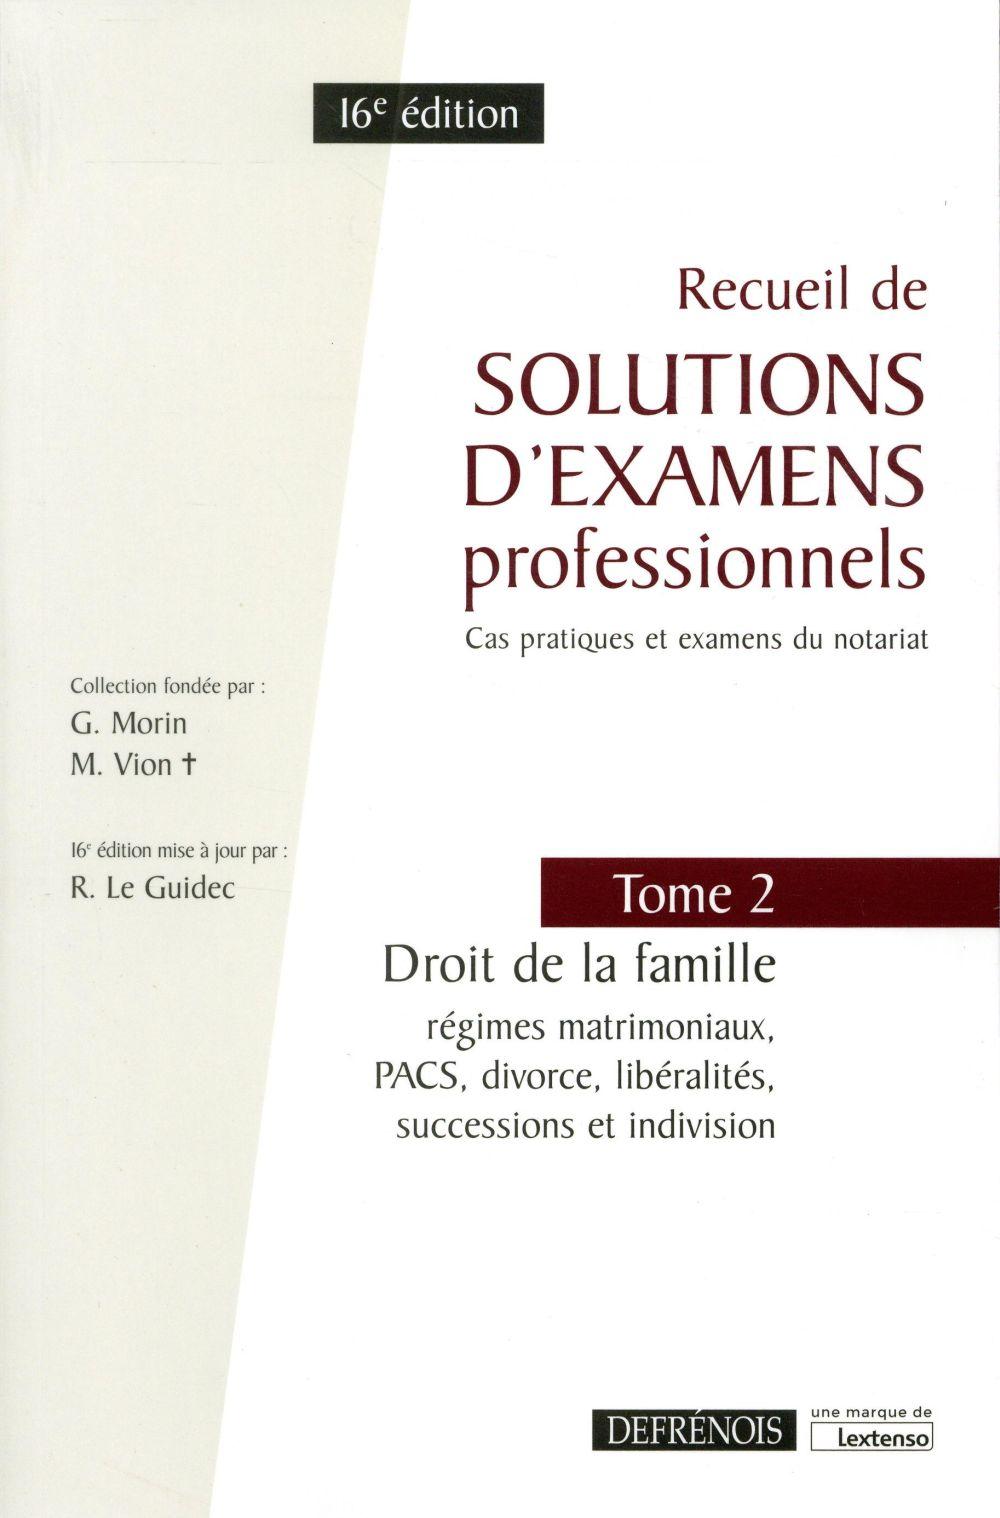 Recueil de solutions d'examens professionnels t.2 ; droit de la famille (16e édition)